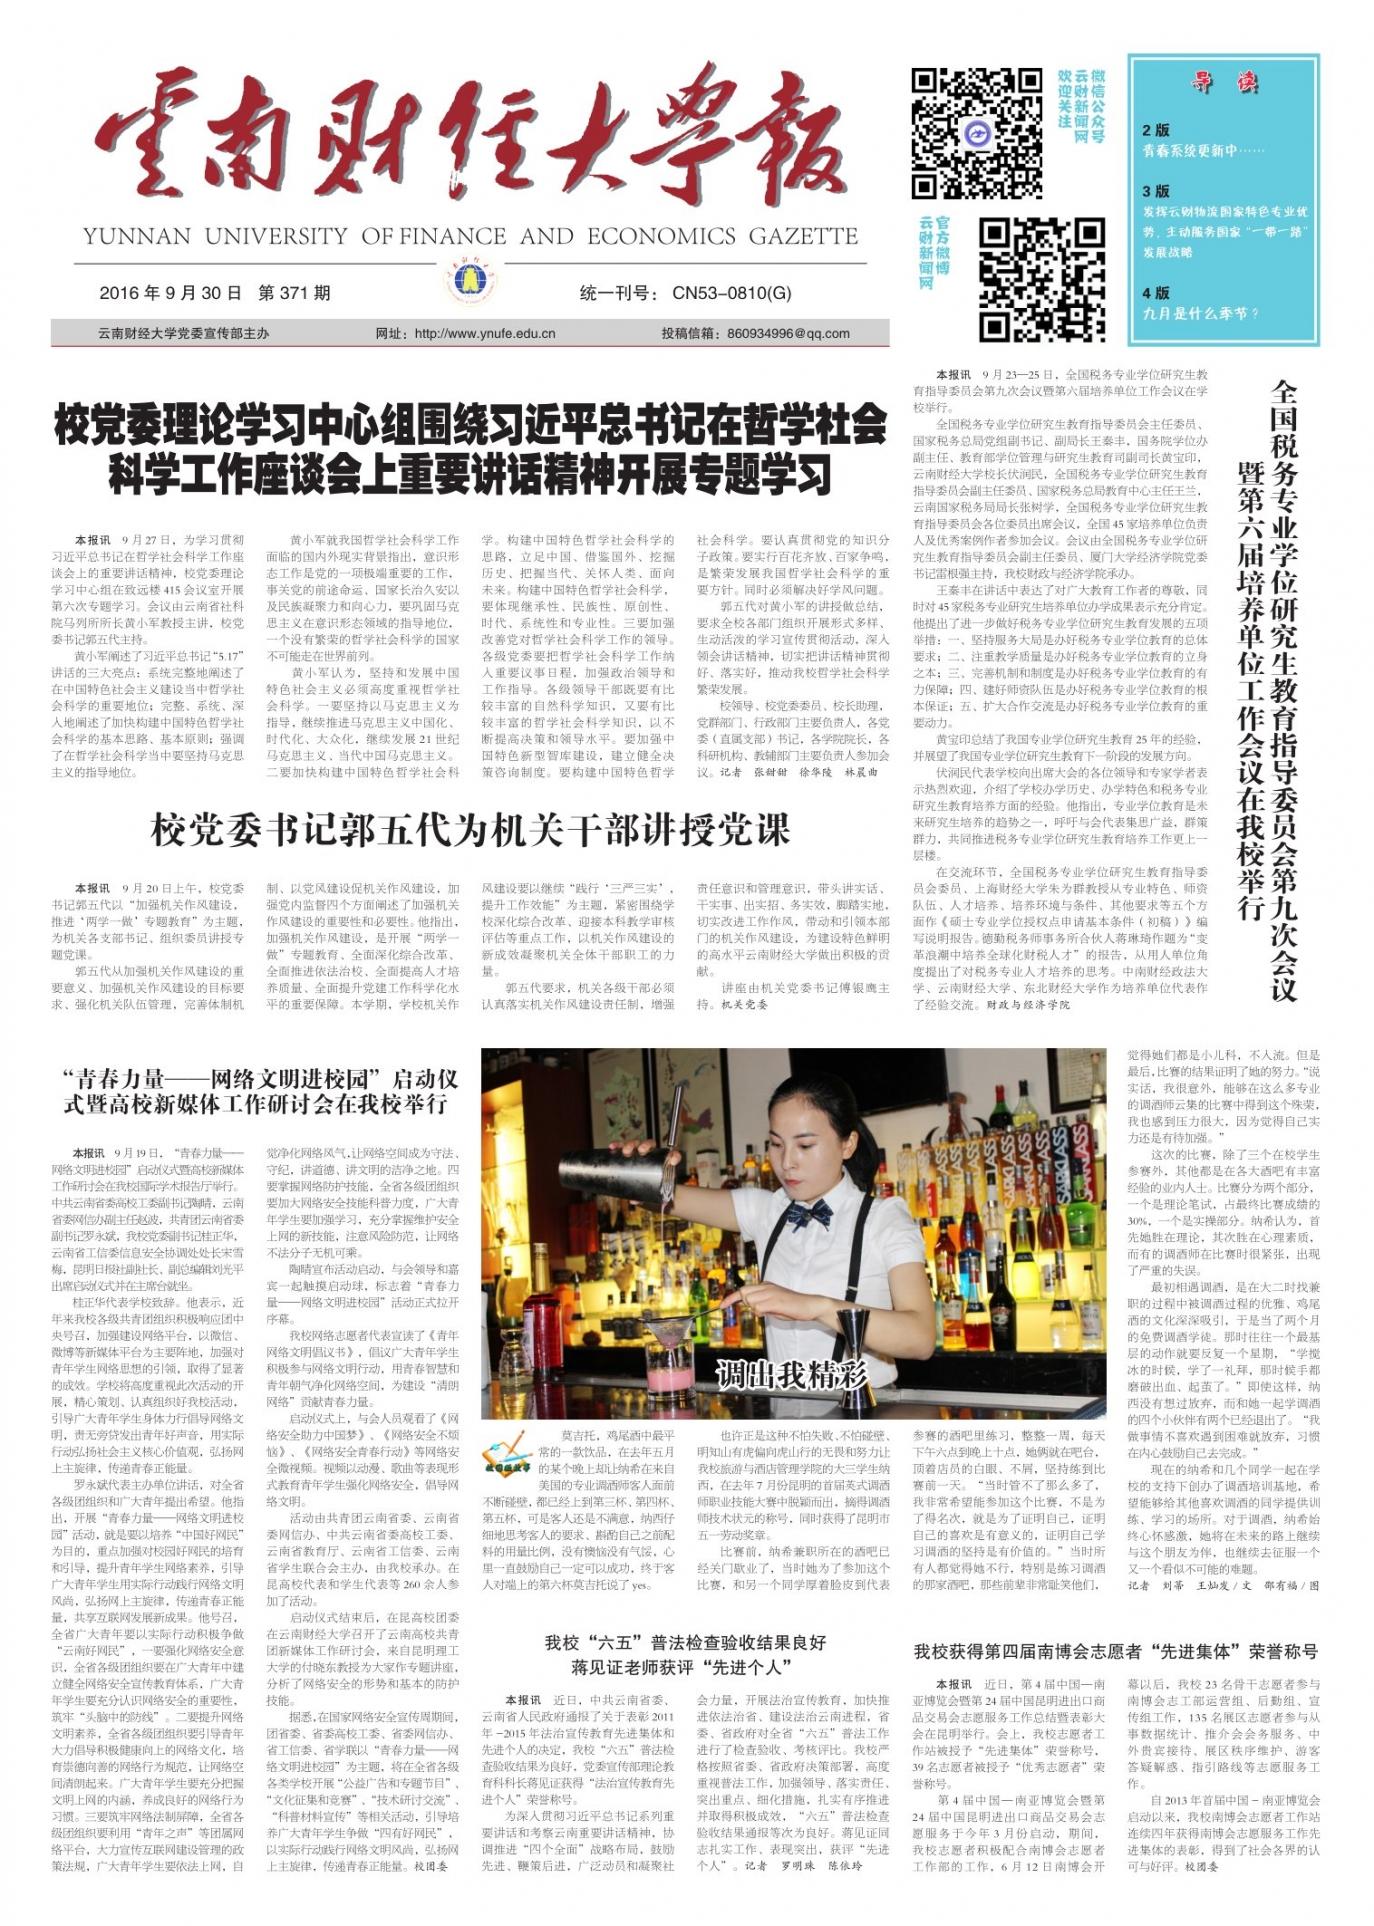 《云南财经大学报》